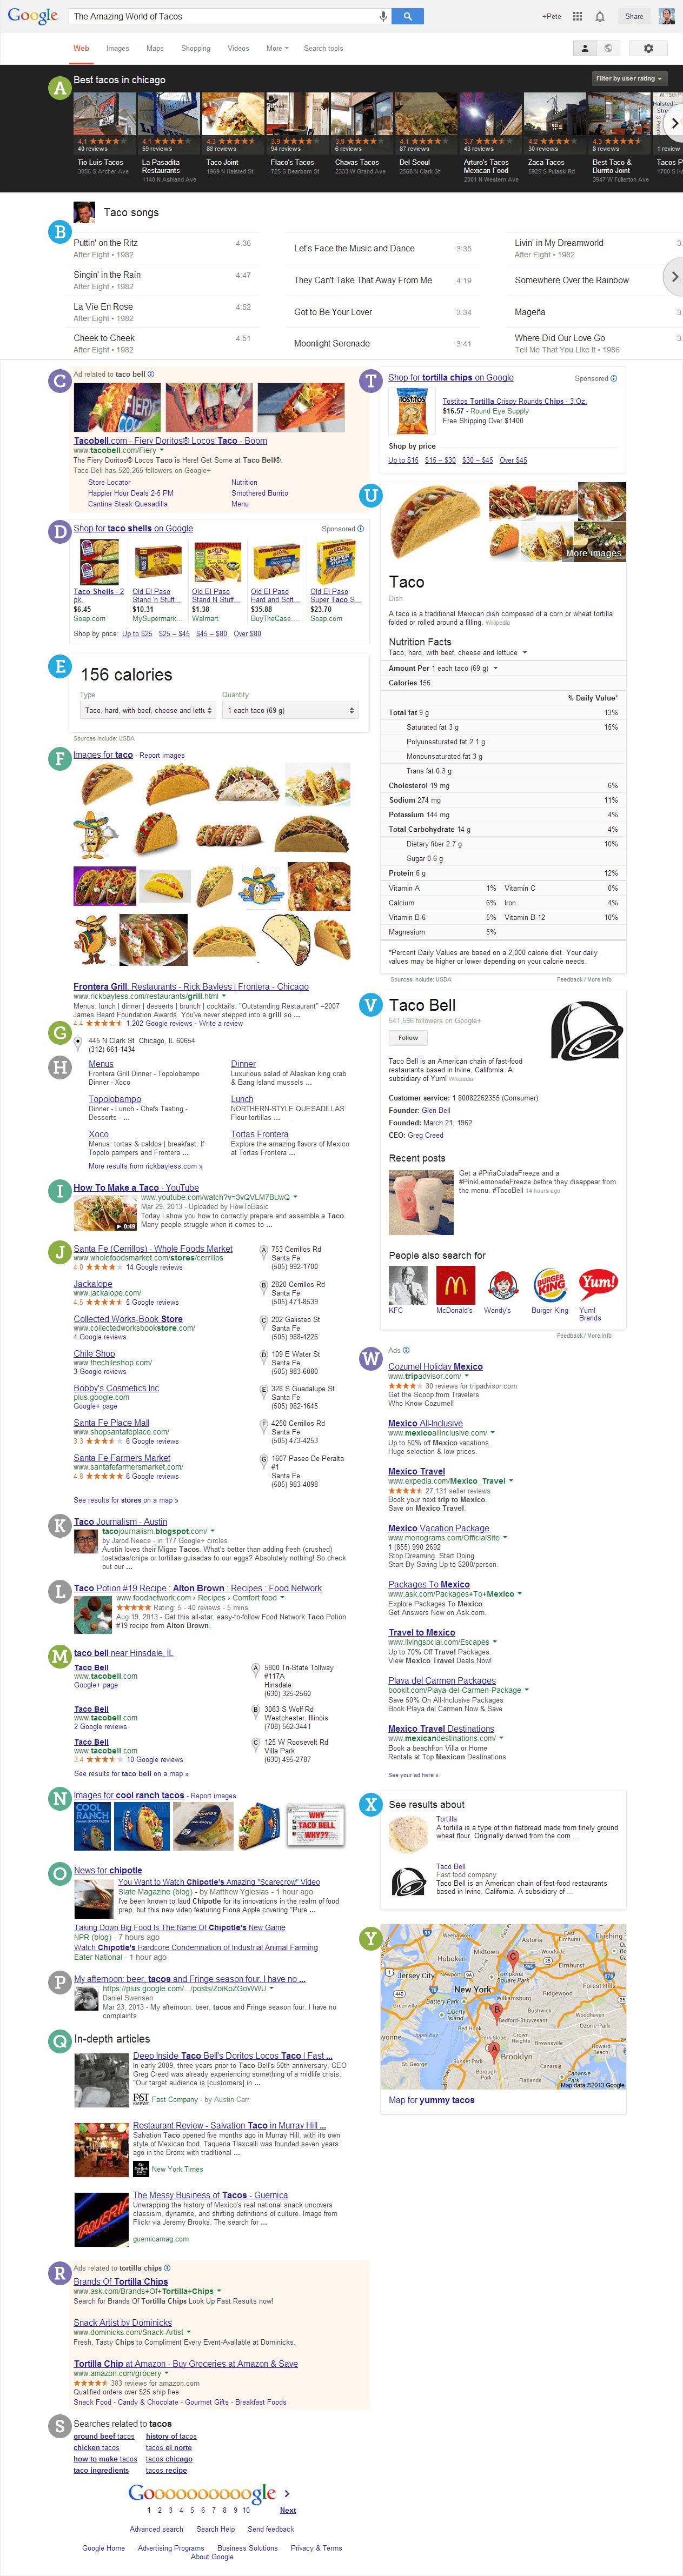 [Infographic] - Chi tiết các dạng kết quả tìm kiếm xuất hiện trên SERP Google - Dich vu seo - Dịch vụ SEO